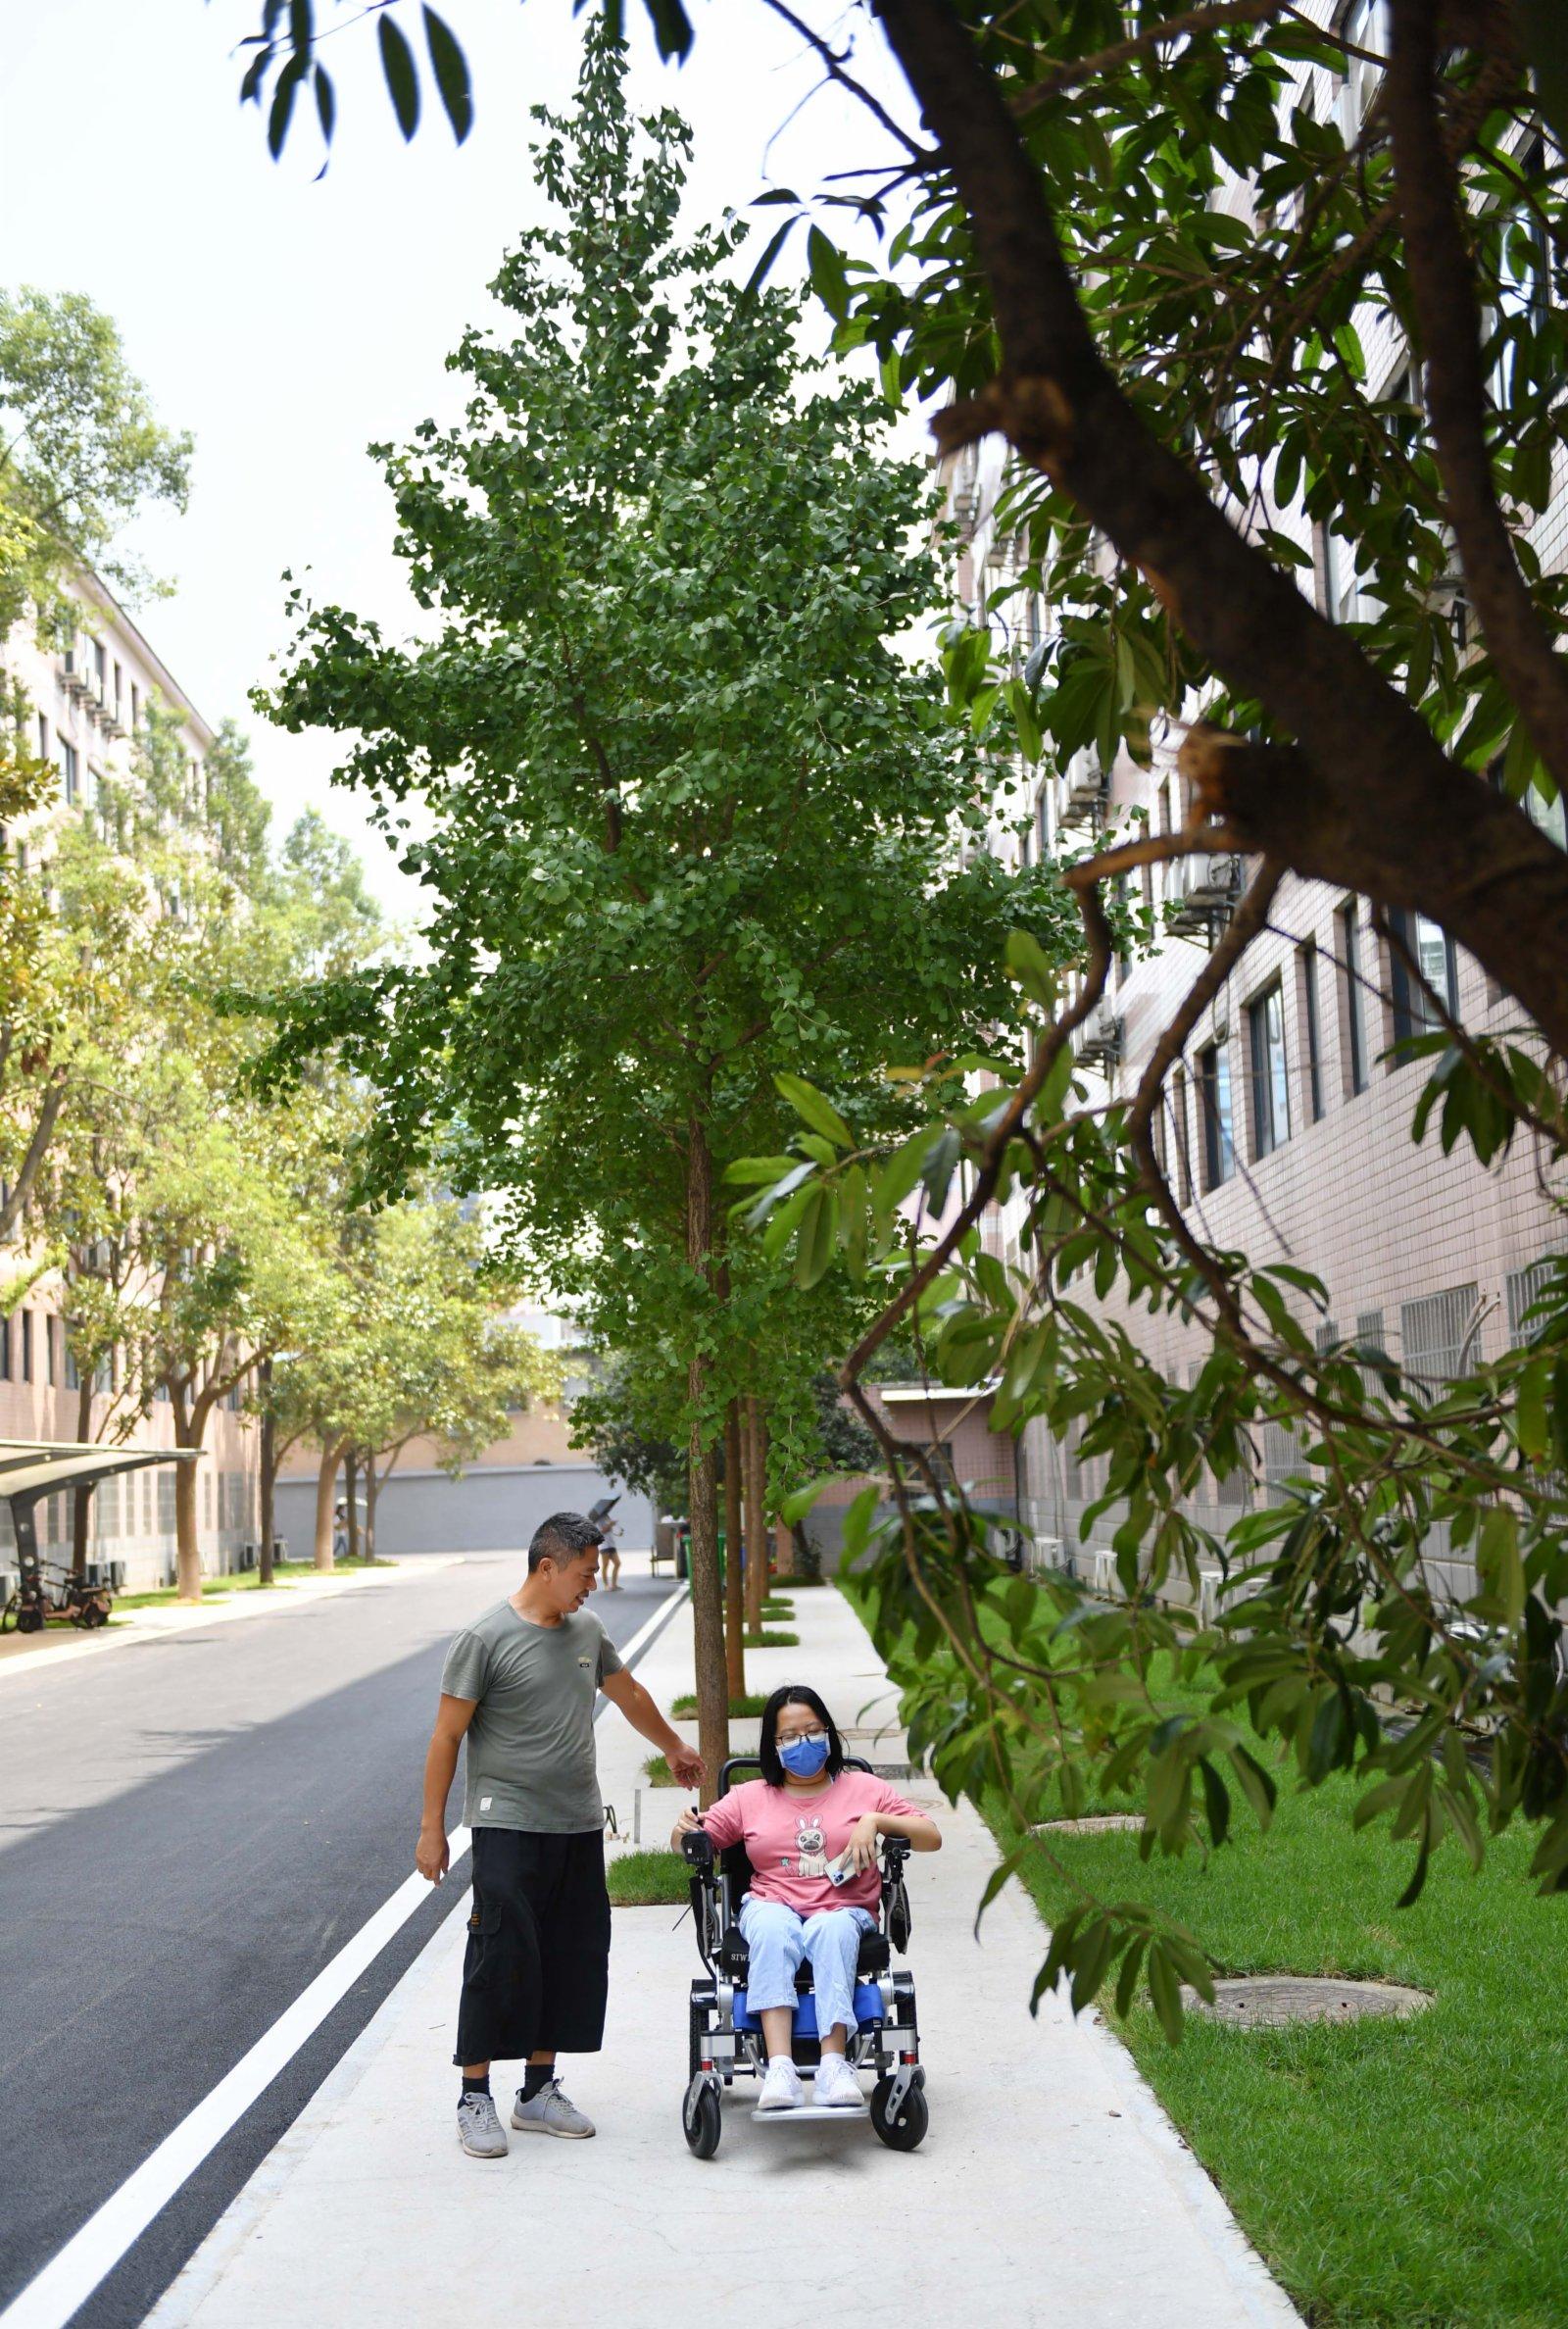 9月2日,謝培軍、謝可欣父女二人在校園中散步。(新華社)